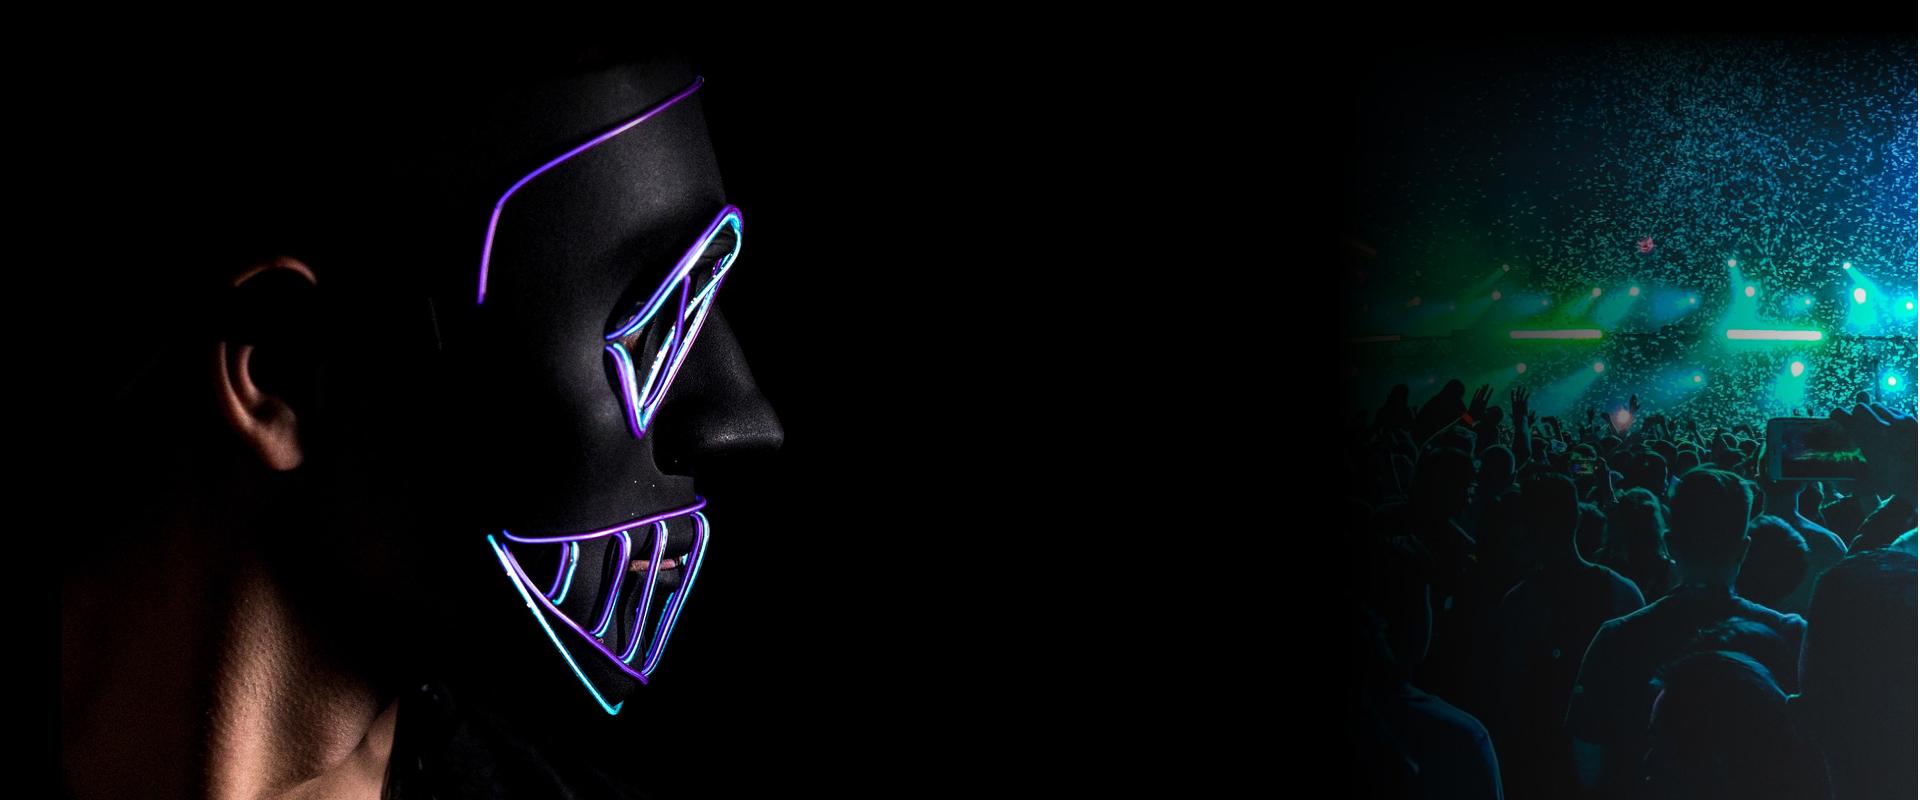 Rave masky